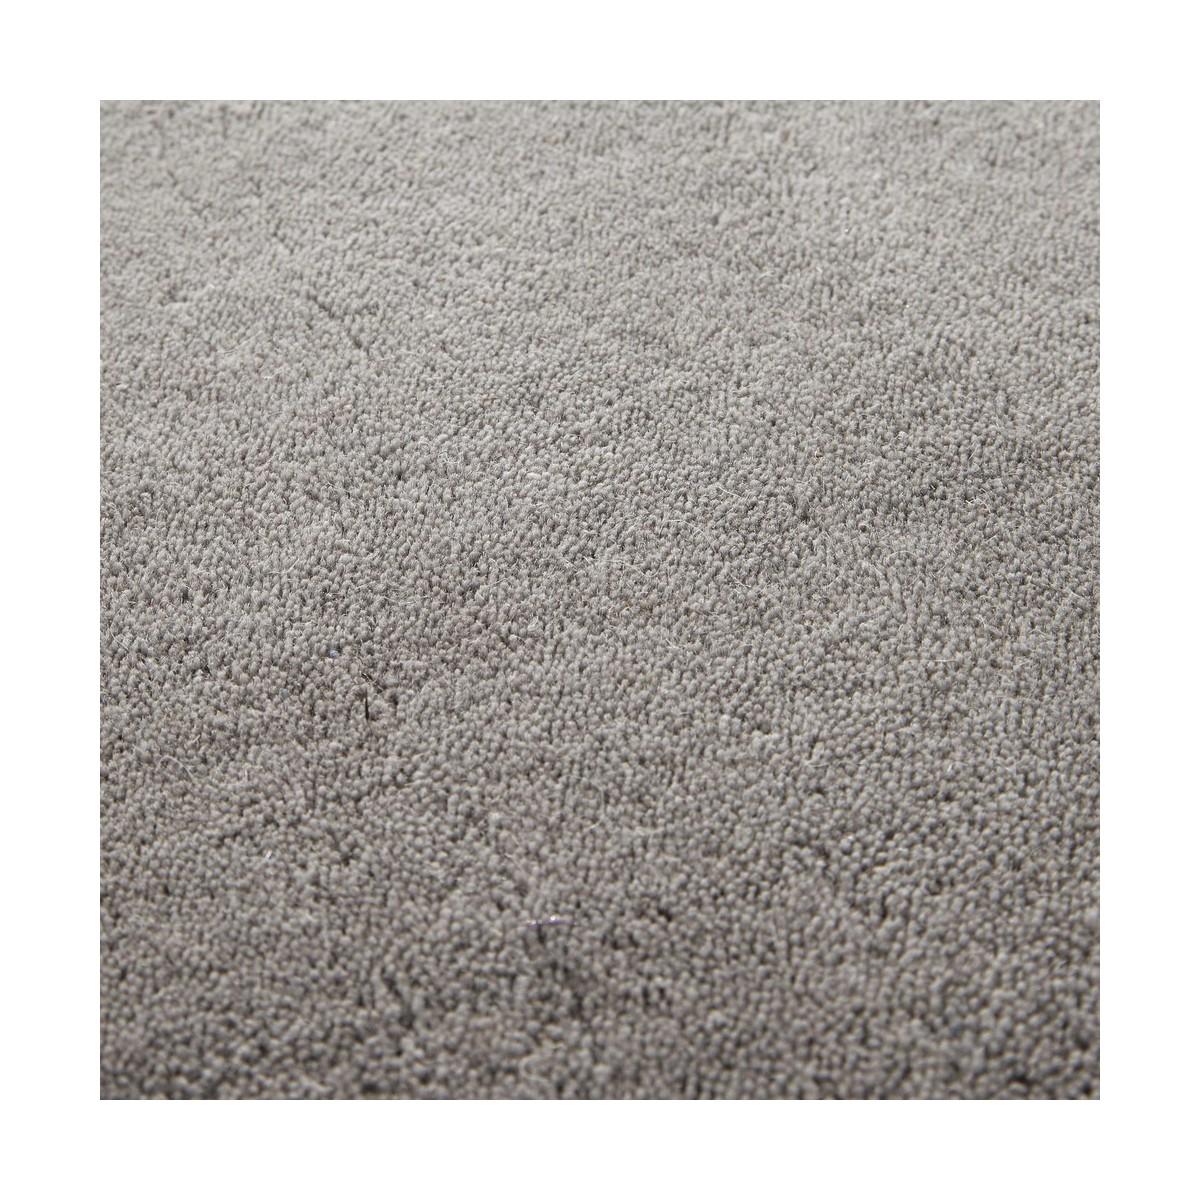 Carrelage Design tapis poil court : tapis-a-poils-courts-en-laine-gris-160-x-230-cm-soft-1000-7-12-156509 ...